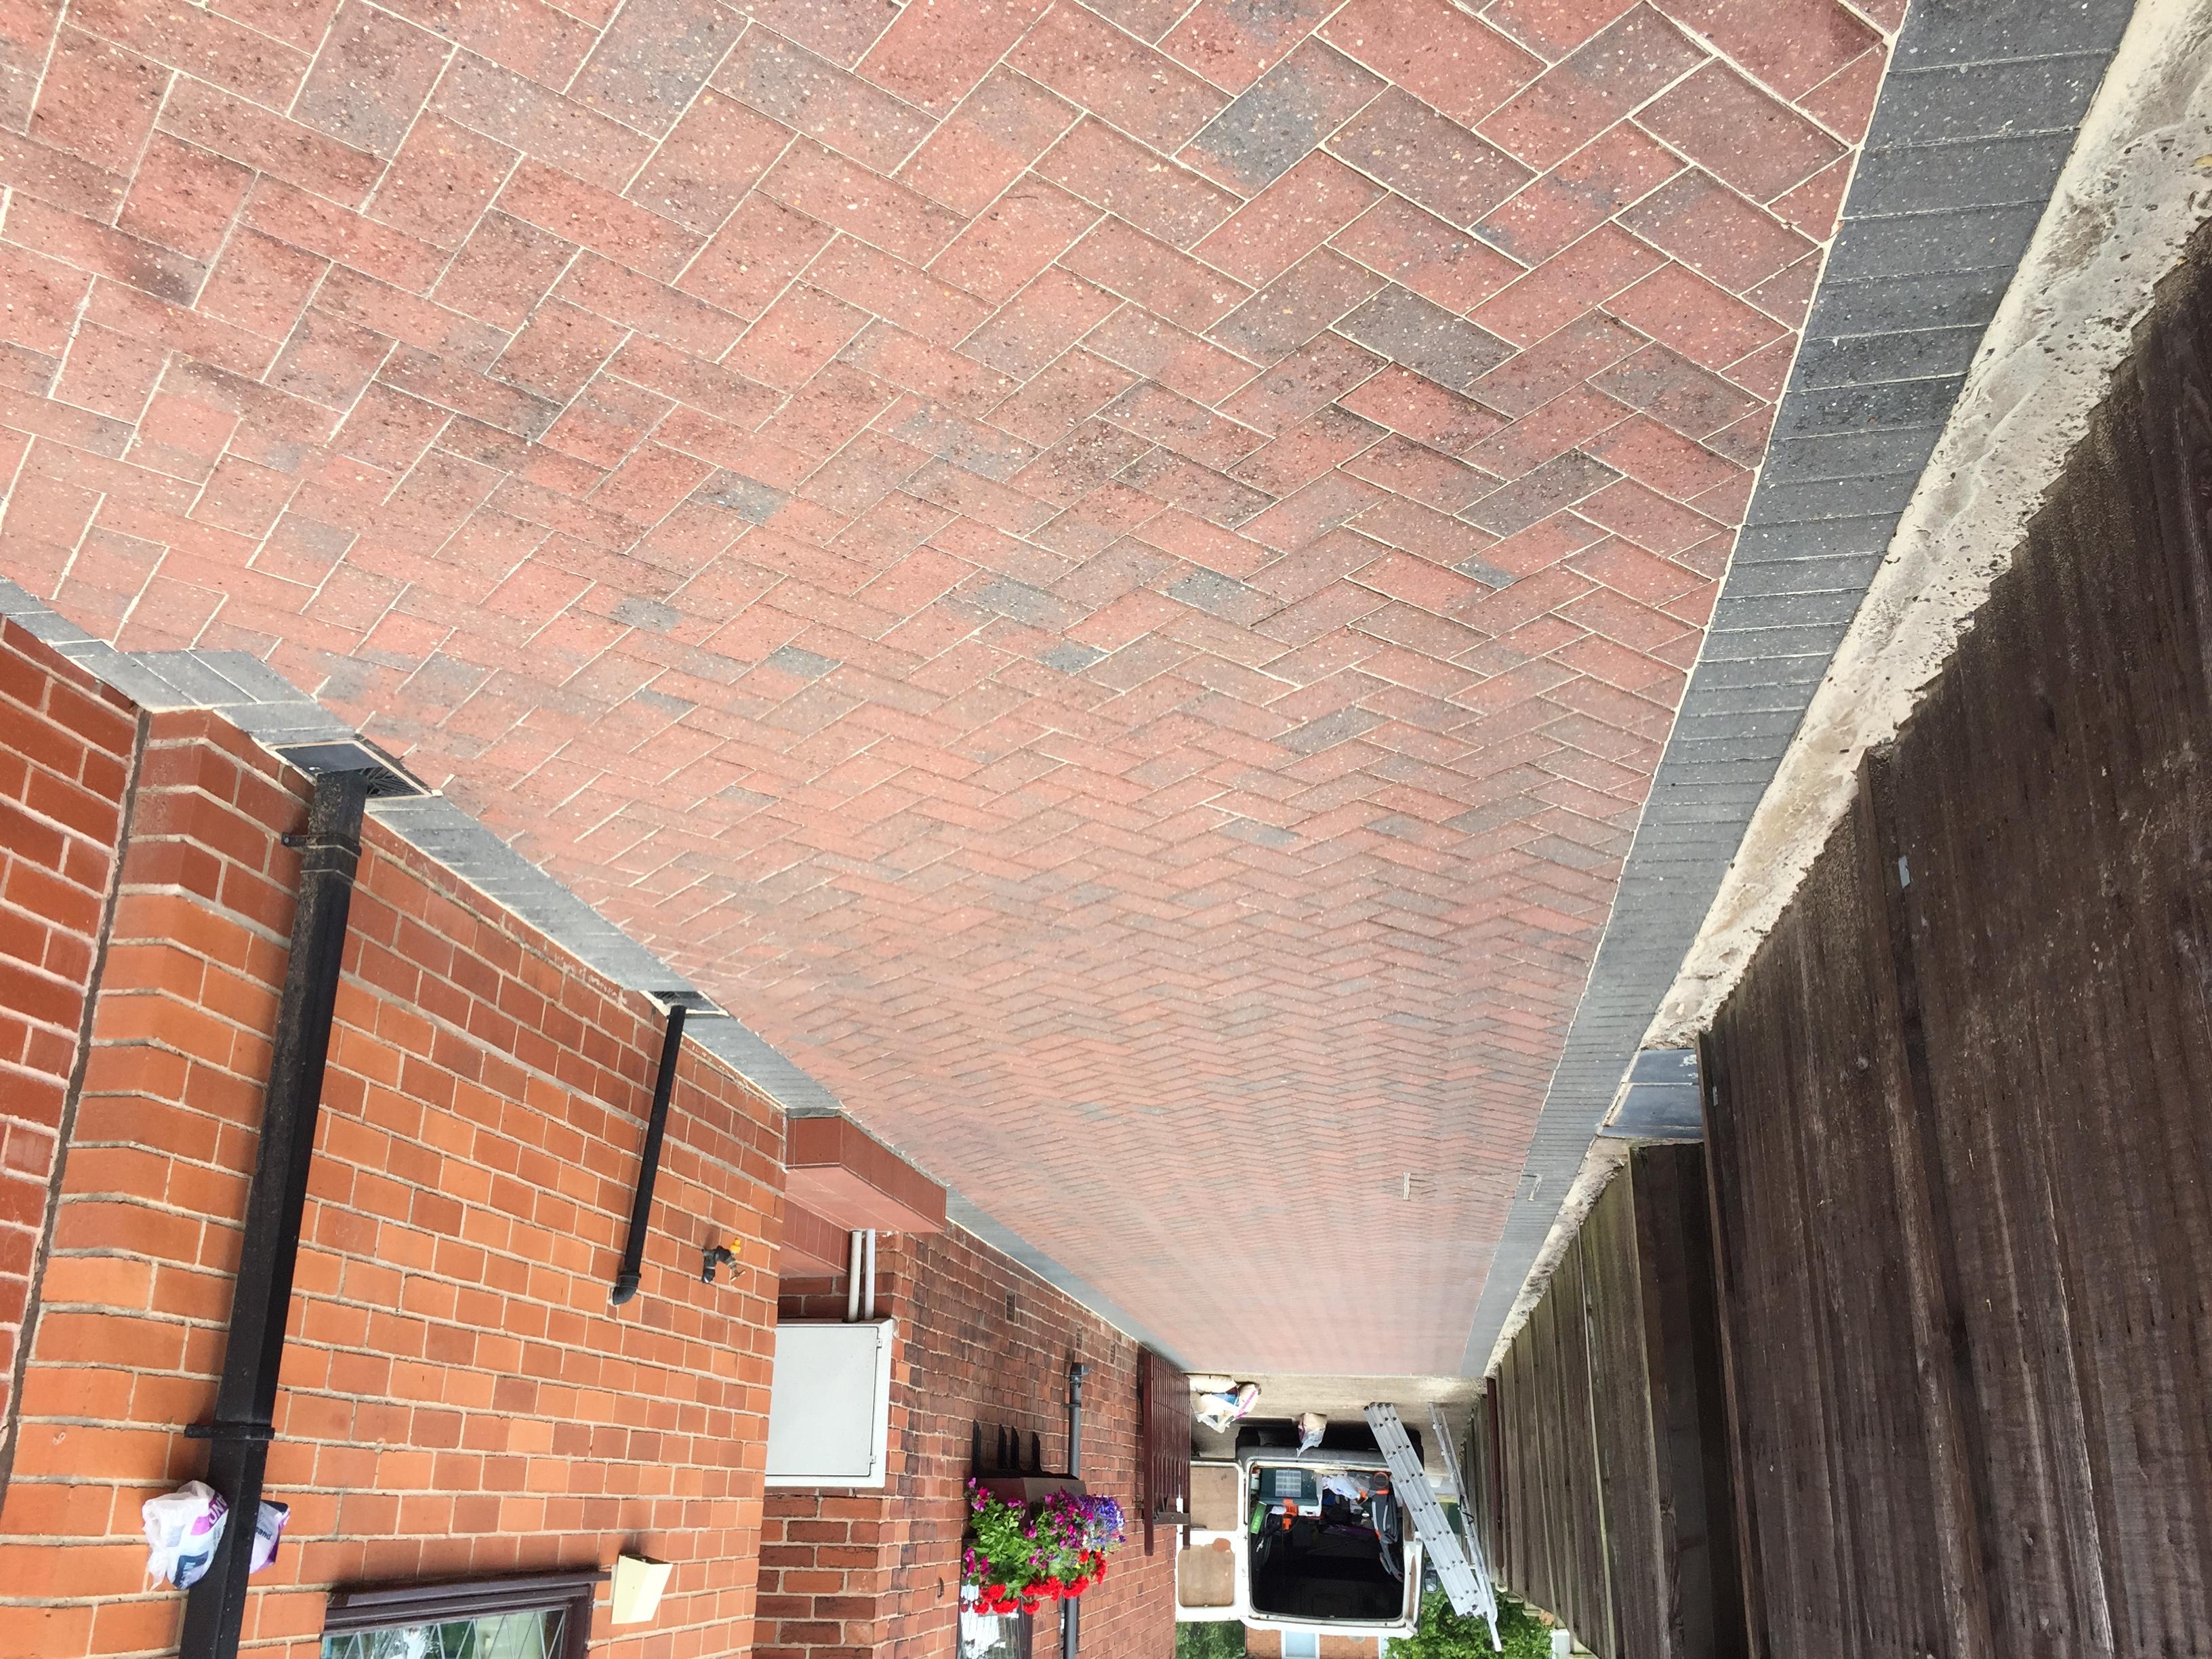 driveway renovation